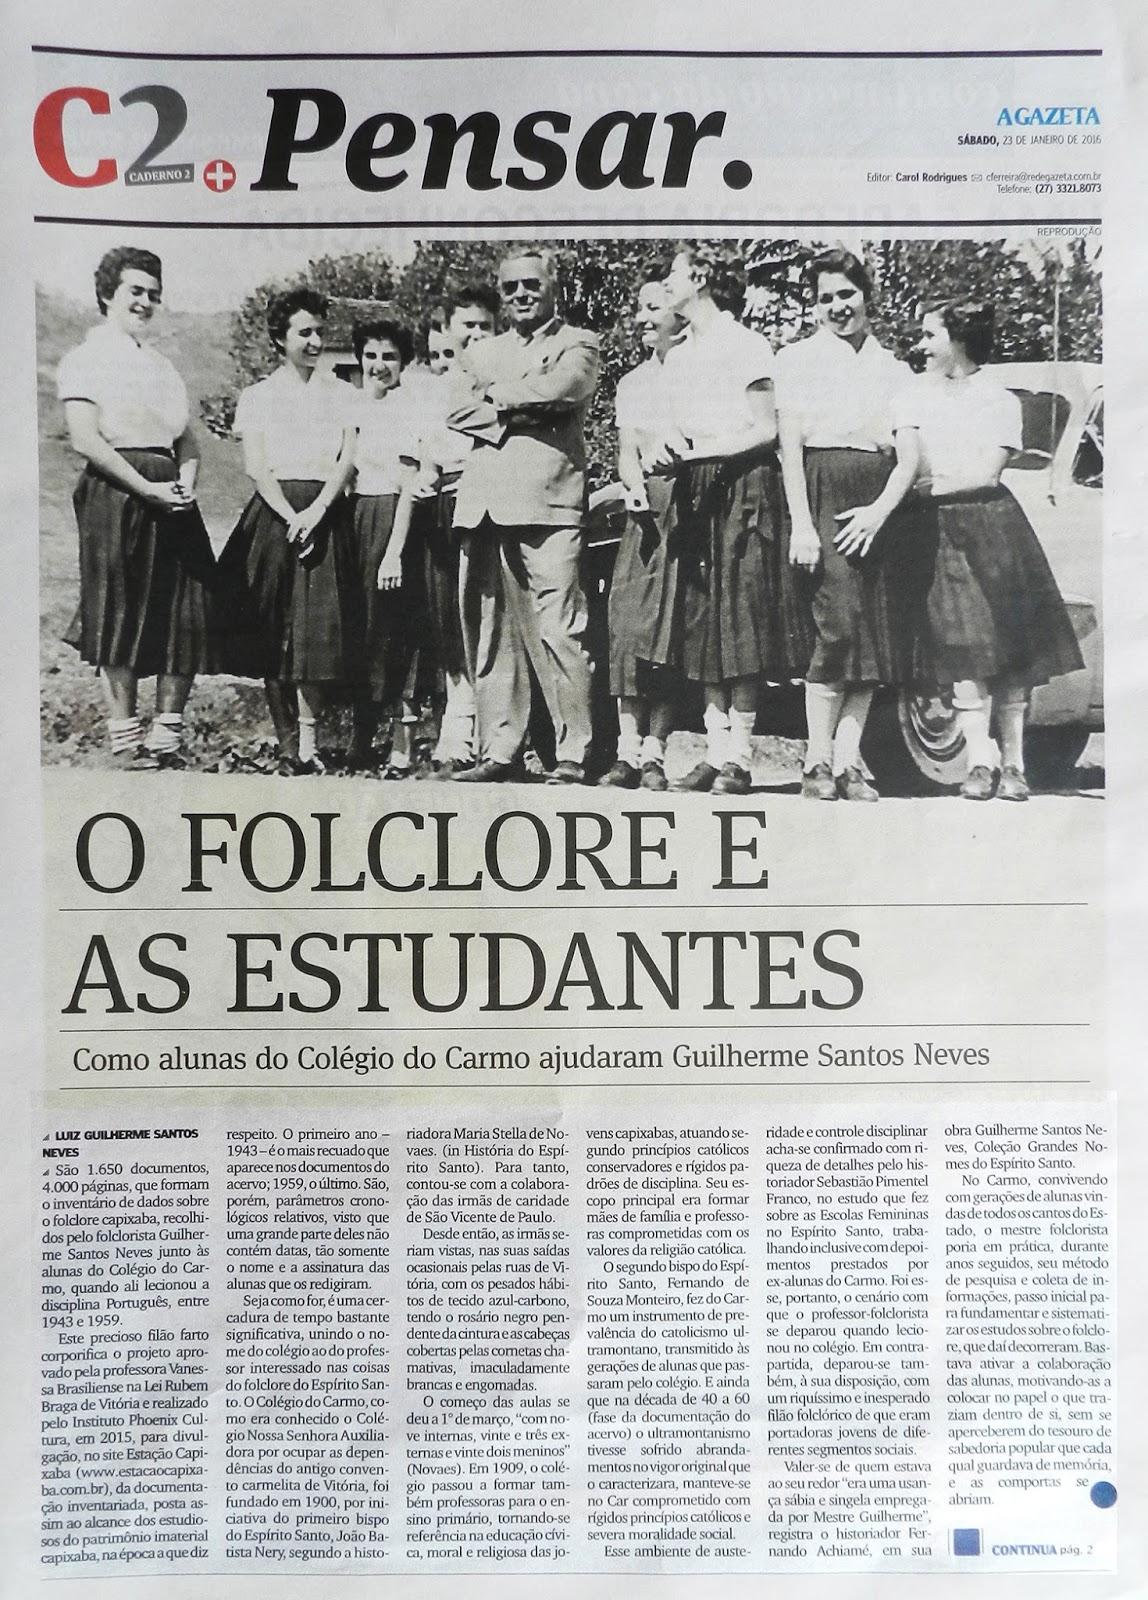 Texto de Luiz Guilherme Santos Neves. Jornal A Gazeta, Caderno Pensar, 23/01/2016, p.2.